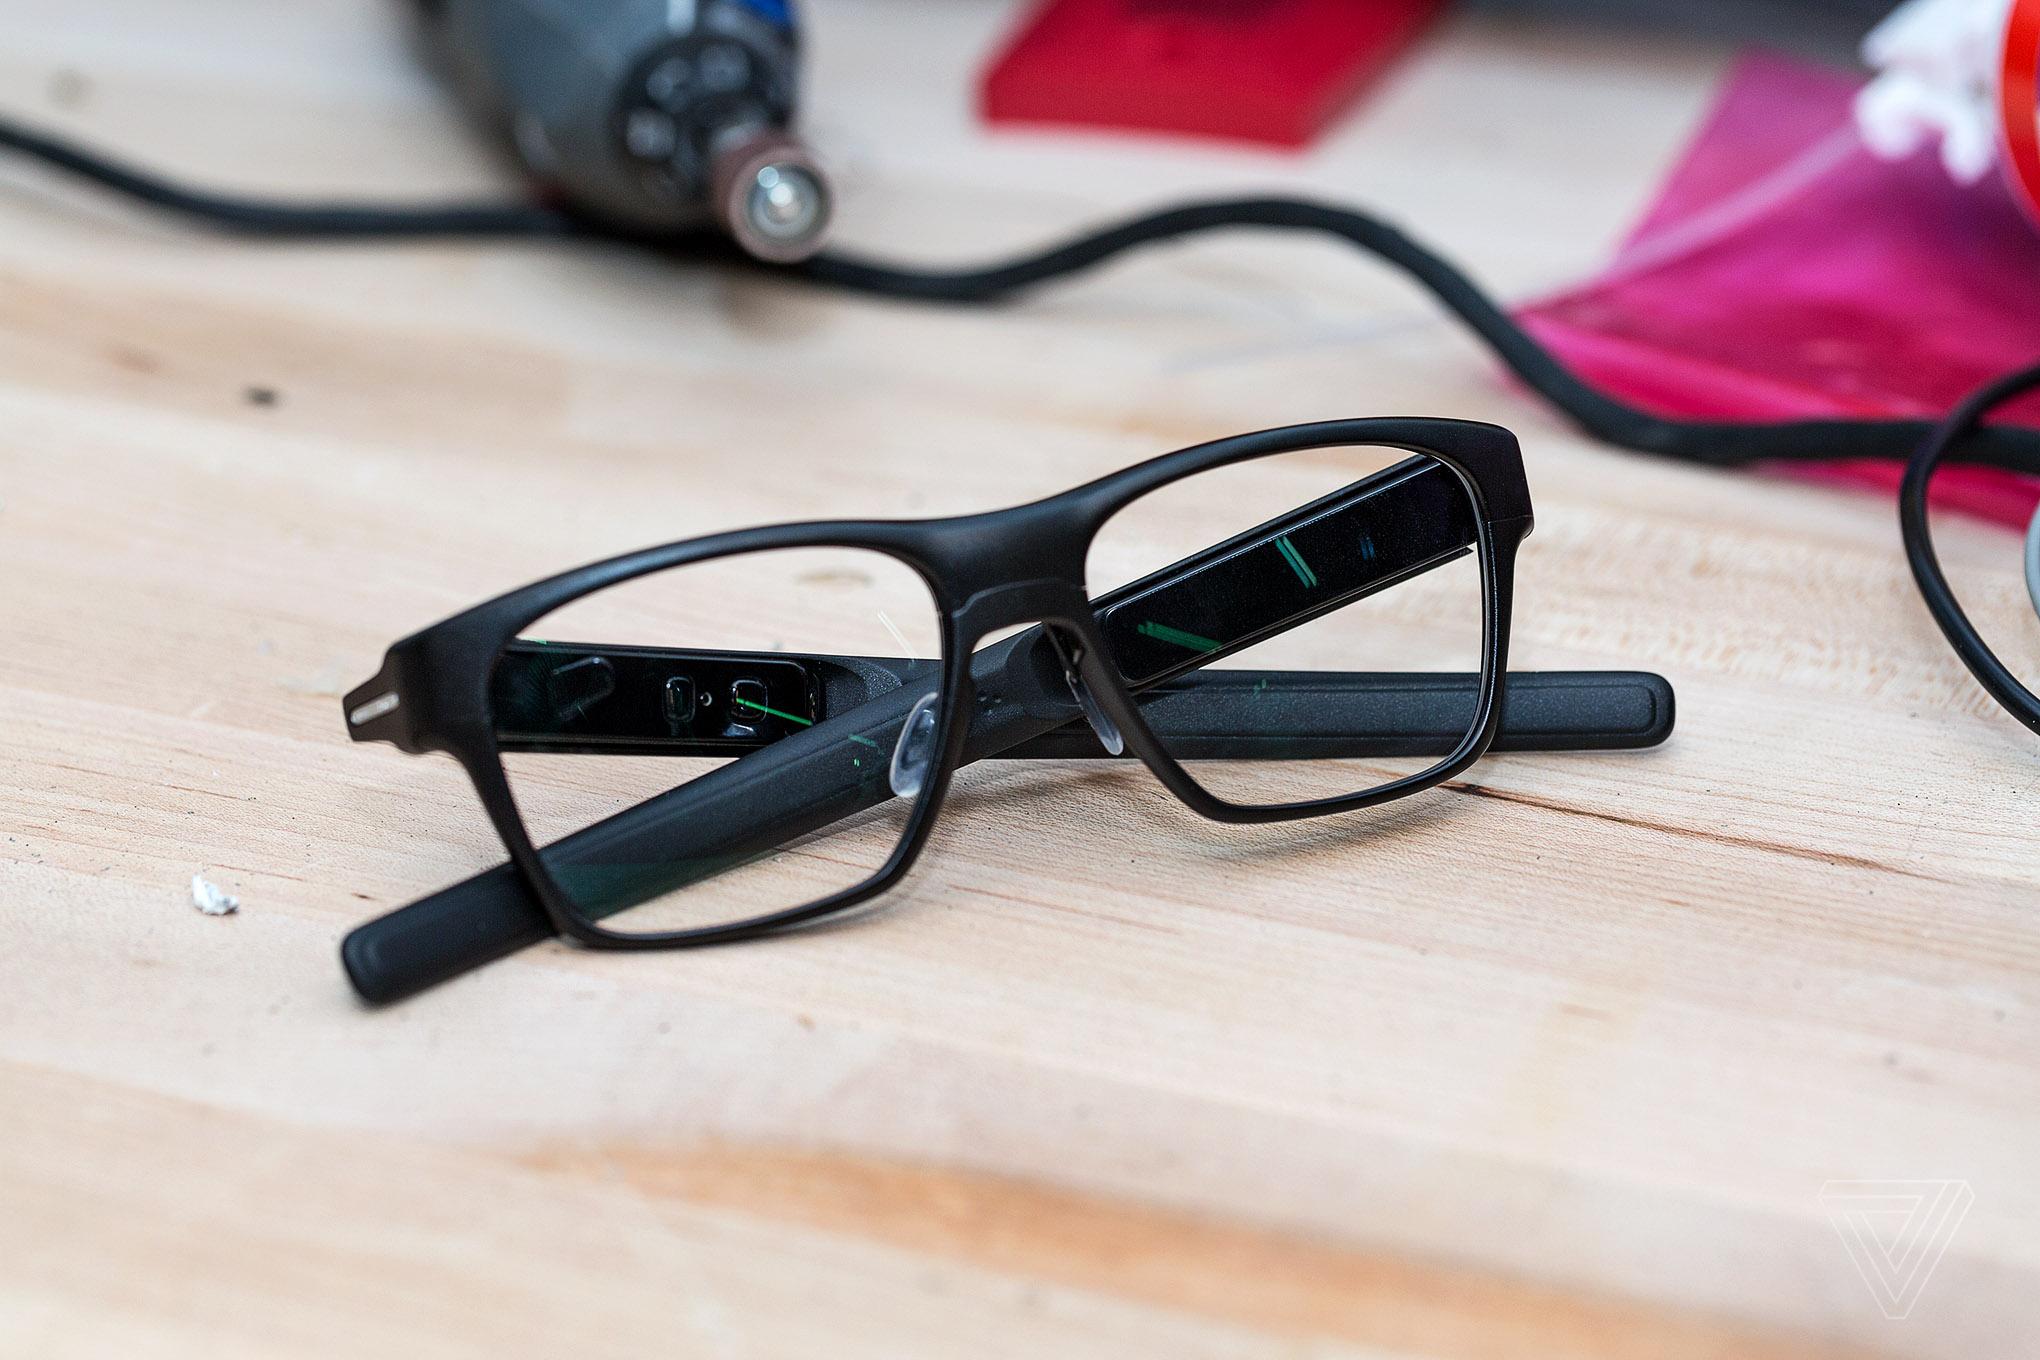 Les lunettes connectées d'Intel ressemblent… à des lunettes